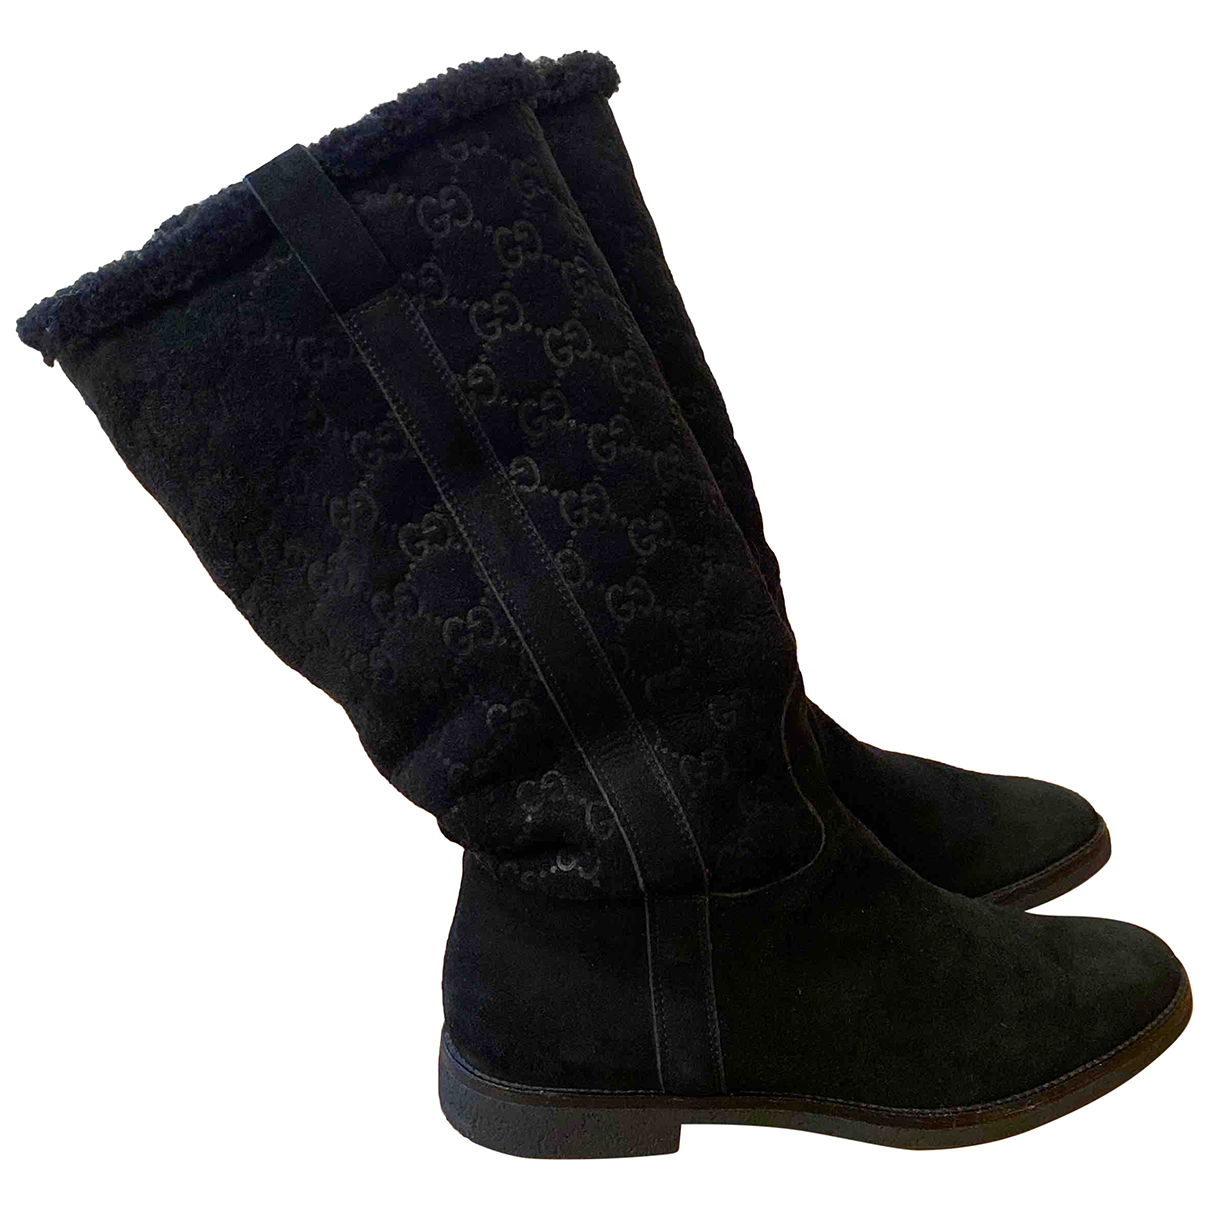 Gucci - Bottes   pour femme en mouton - noir